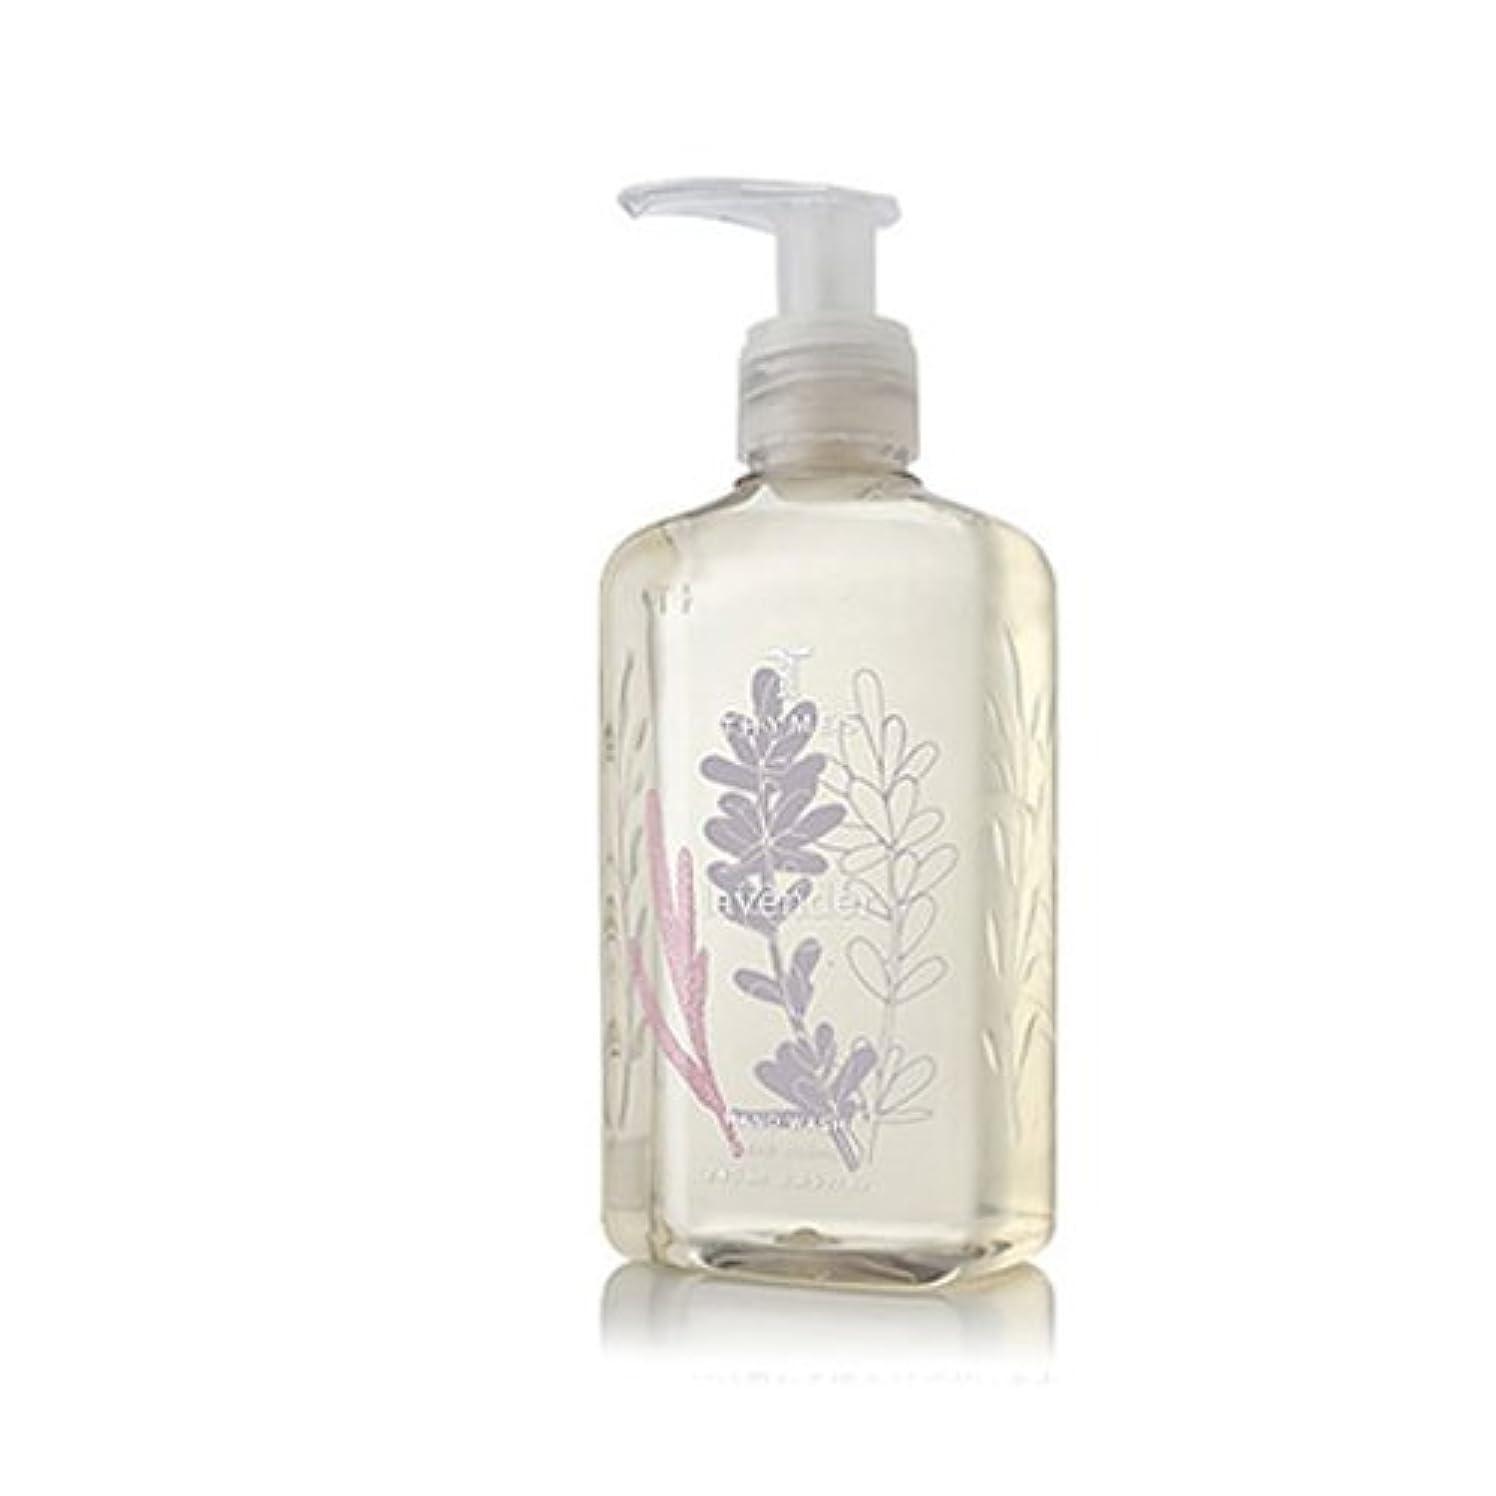 肉屋ライラックエトナ山THYMES タイムズ ハンドウォッシュ 240ml ラベンダー Hand Wash 8.25 fl oz Lavender [並行輸入品]